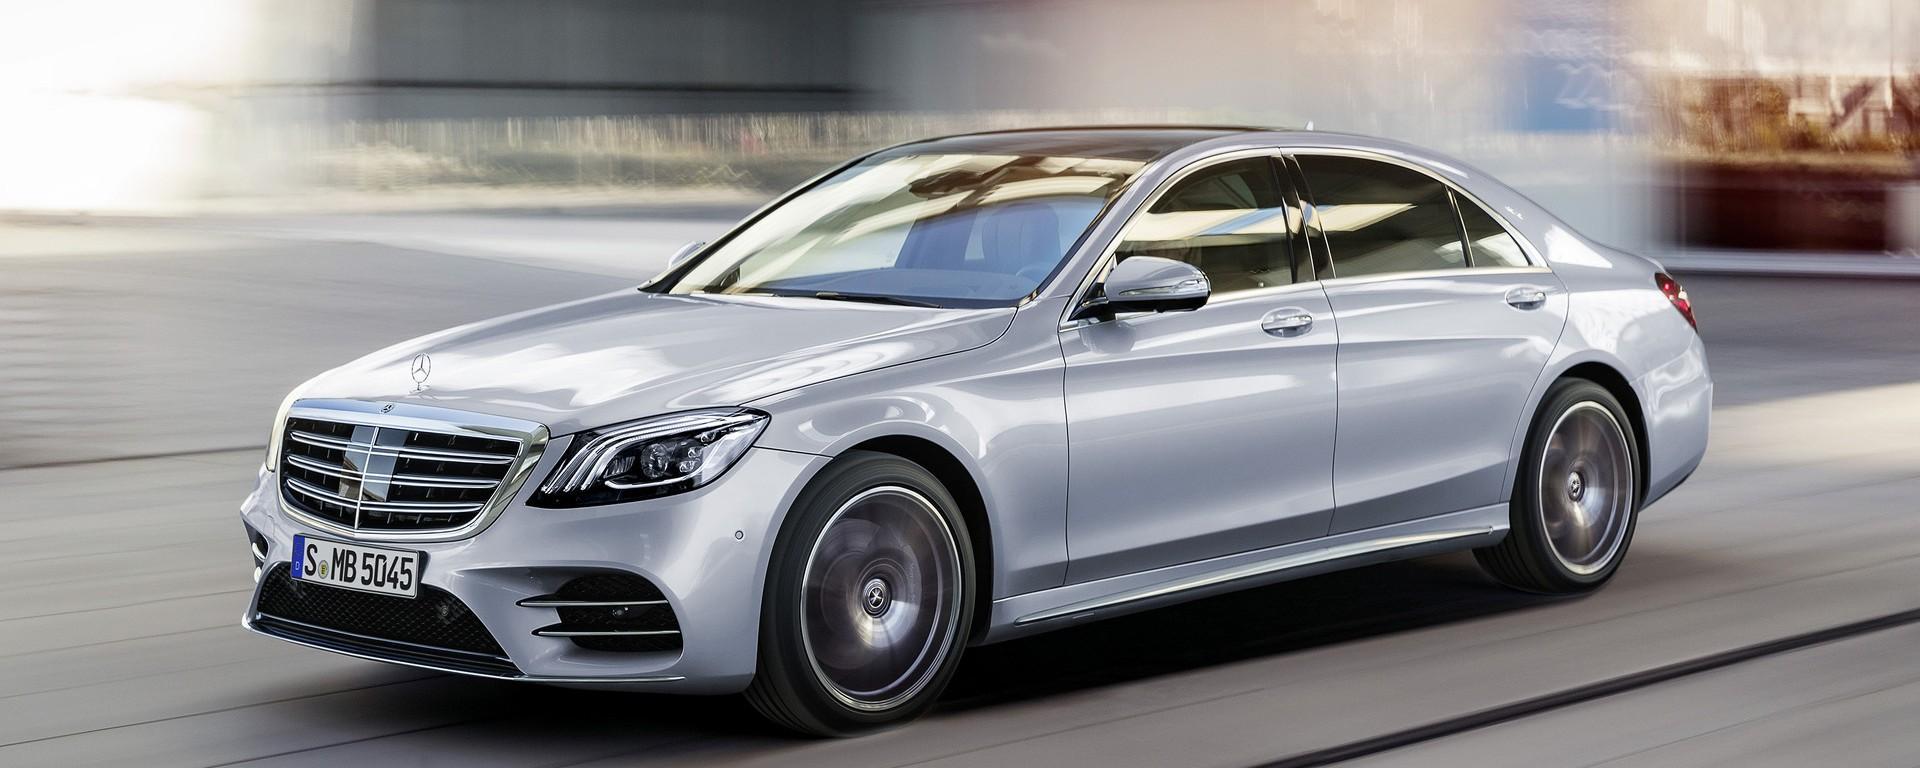 La nuova Mercedes Classe S sarà presentata il 2 settembre thumbnail